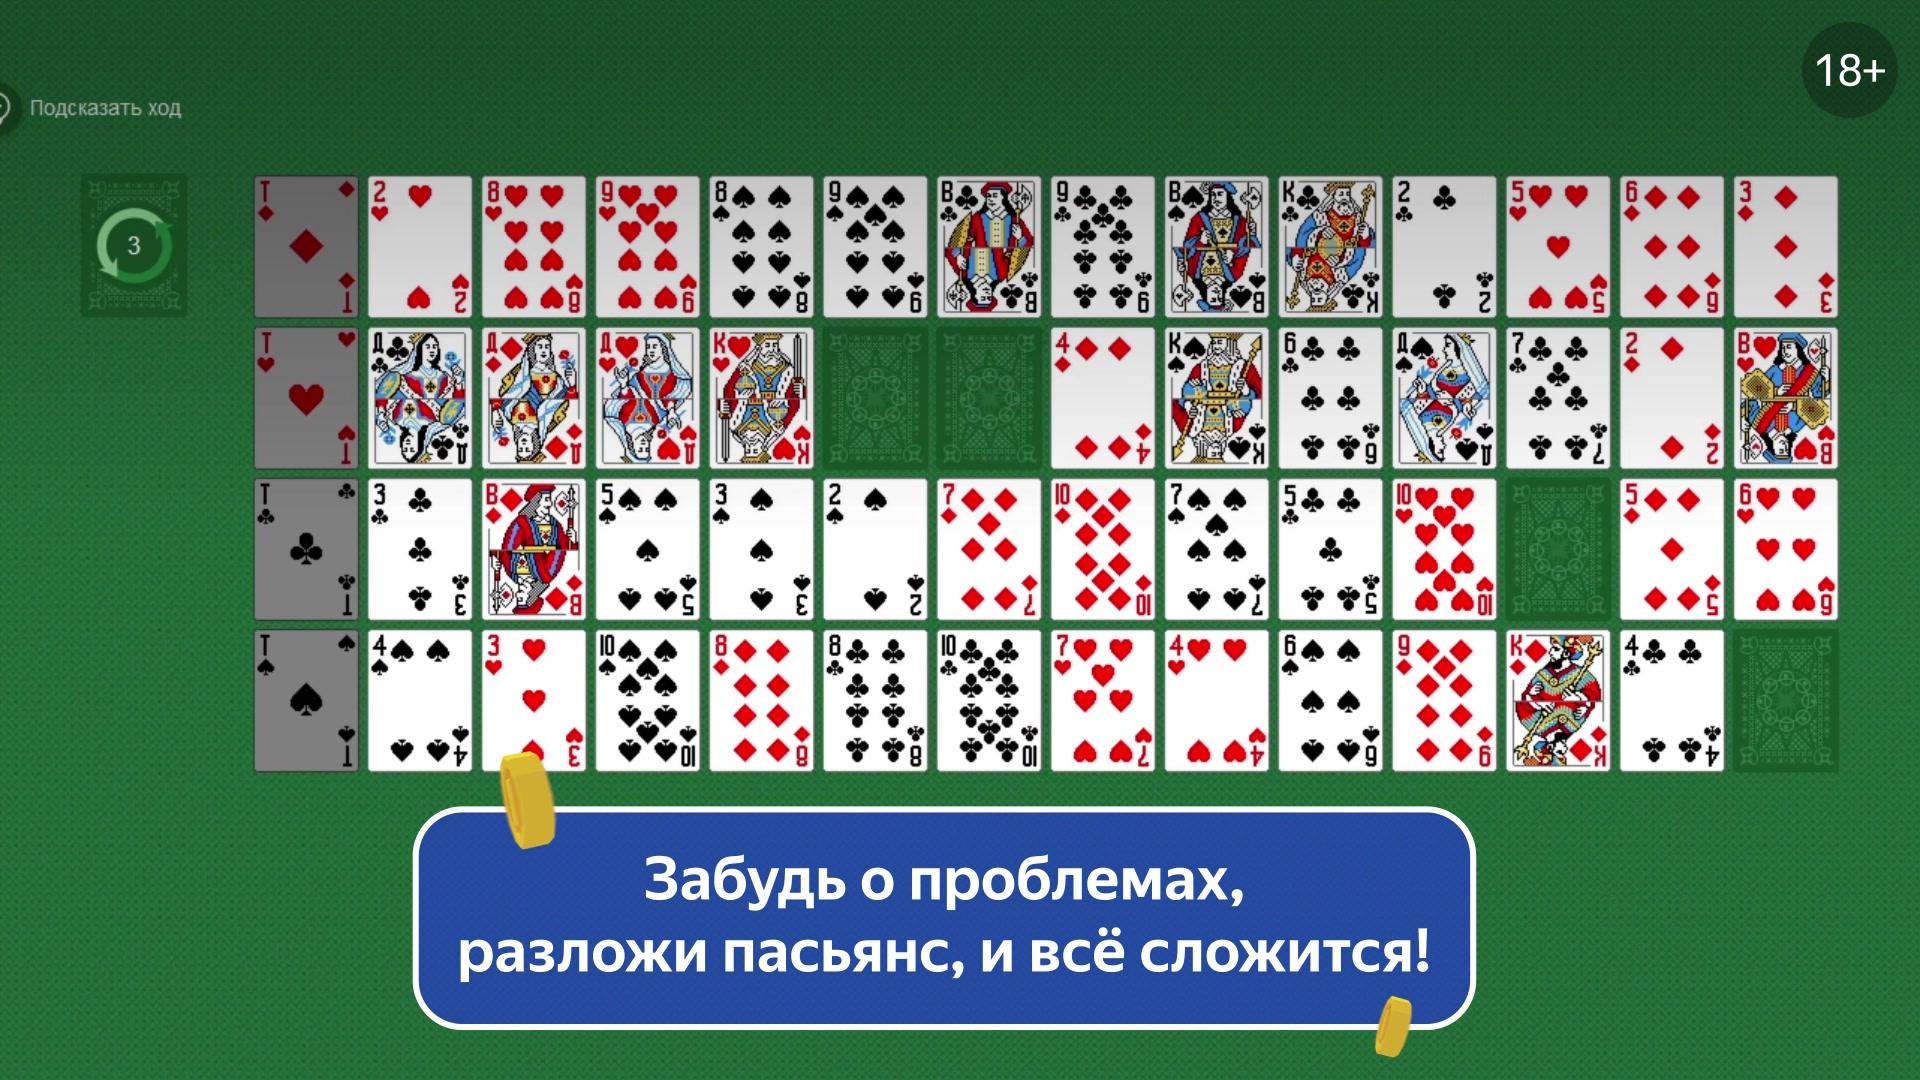 играть в карты пасьянс коврик бесплатно и без регистрации